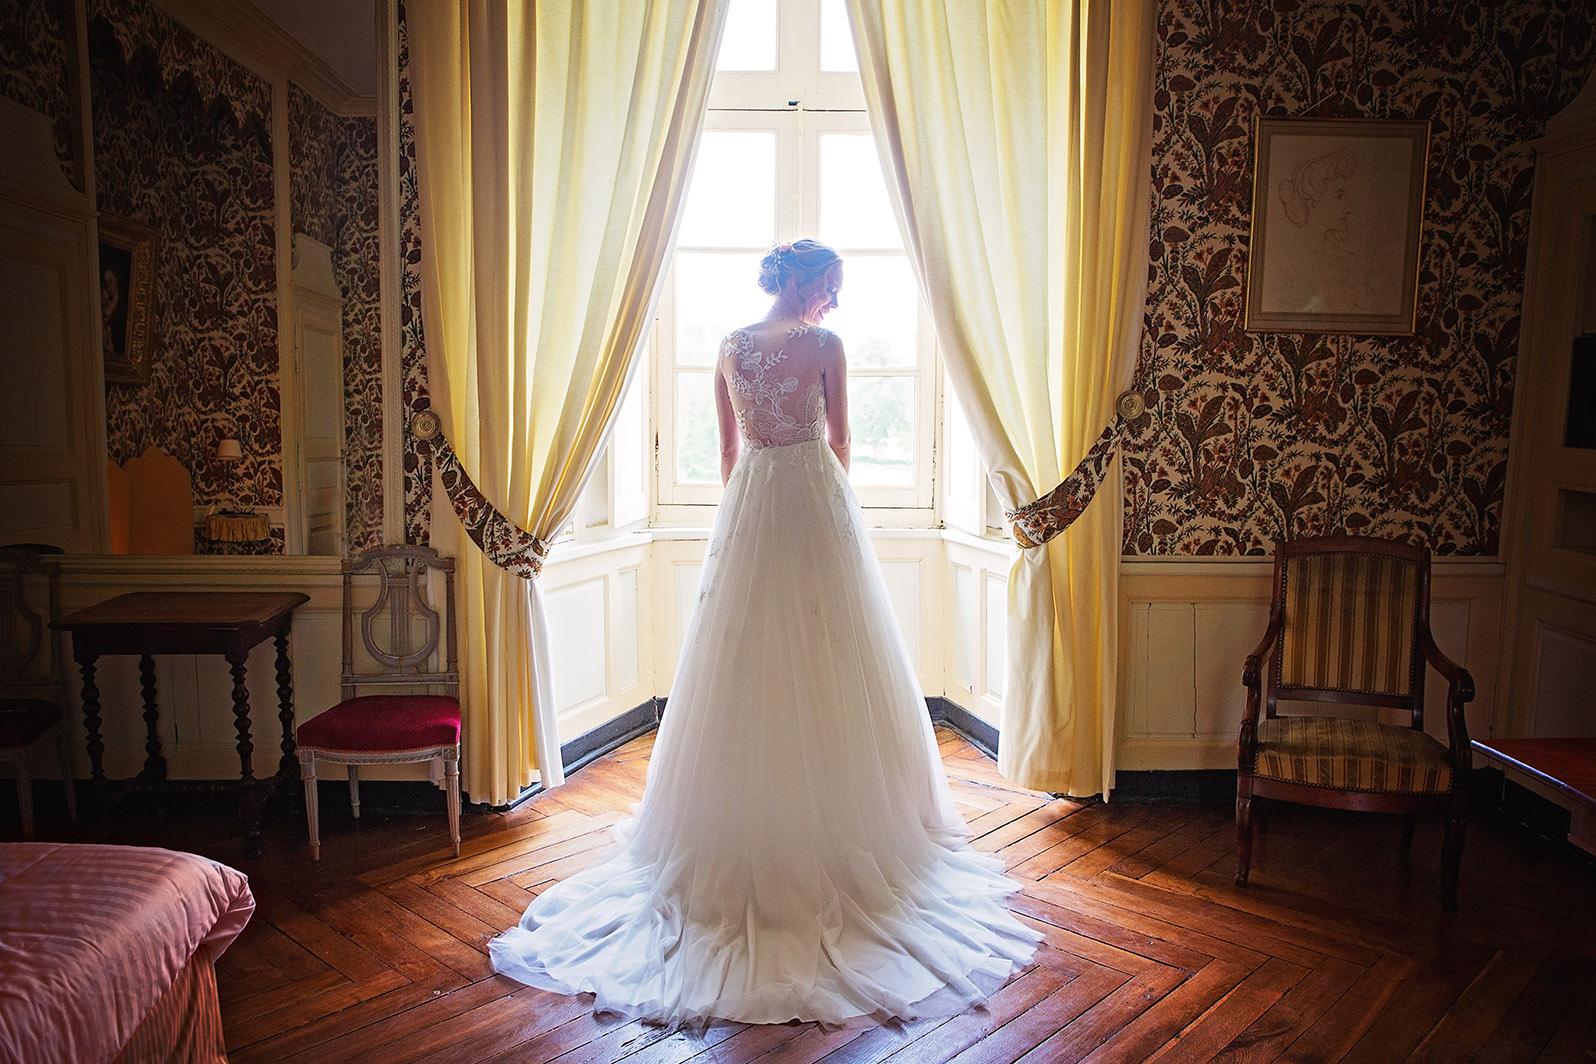 Photographe de mariage à Châteaudun. Reportage de mariage : les préparatifs de la mariée (par Aurélie Coquan photographe)